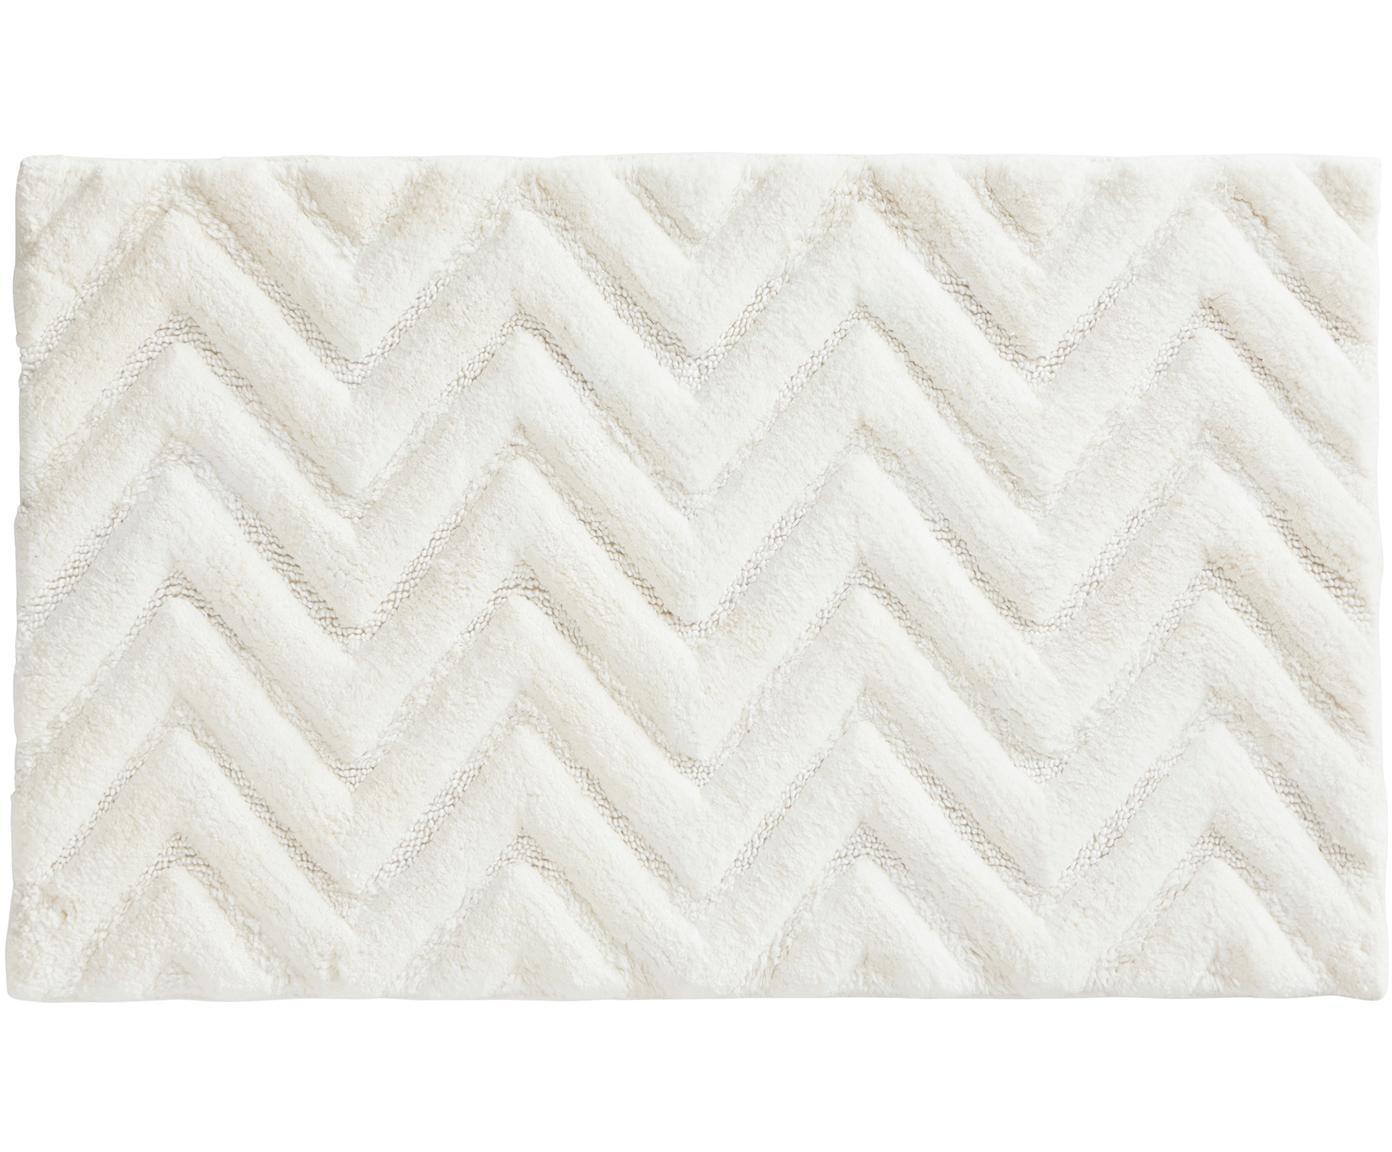 Flauschiger Badvorleger Arild in Weiß, 100% Baumwolle, Gebrochenes Weiß, 50 x 80 cm